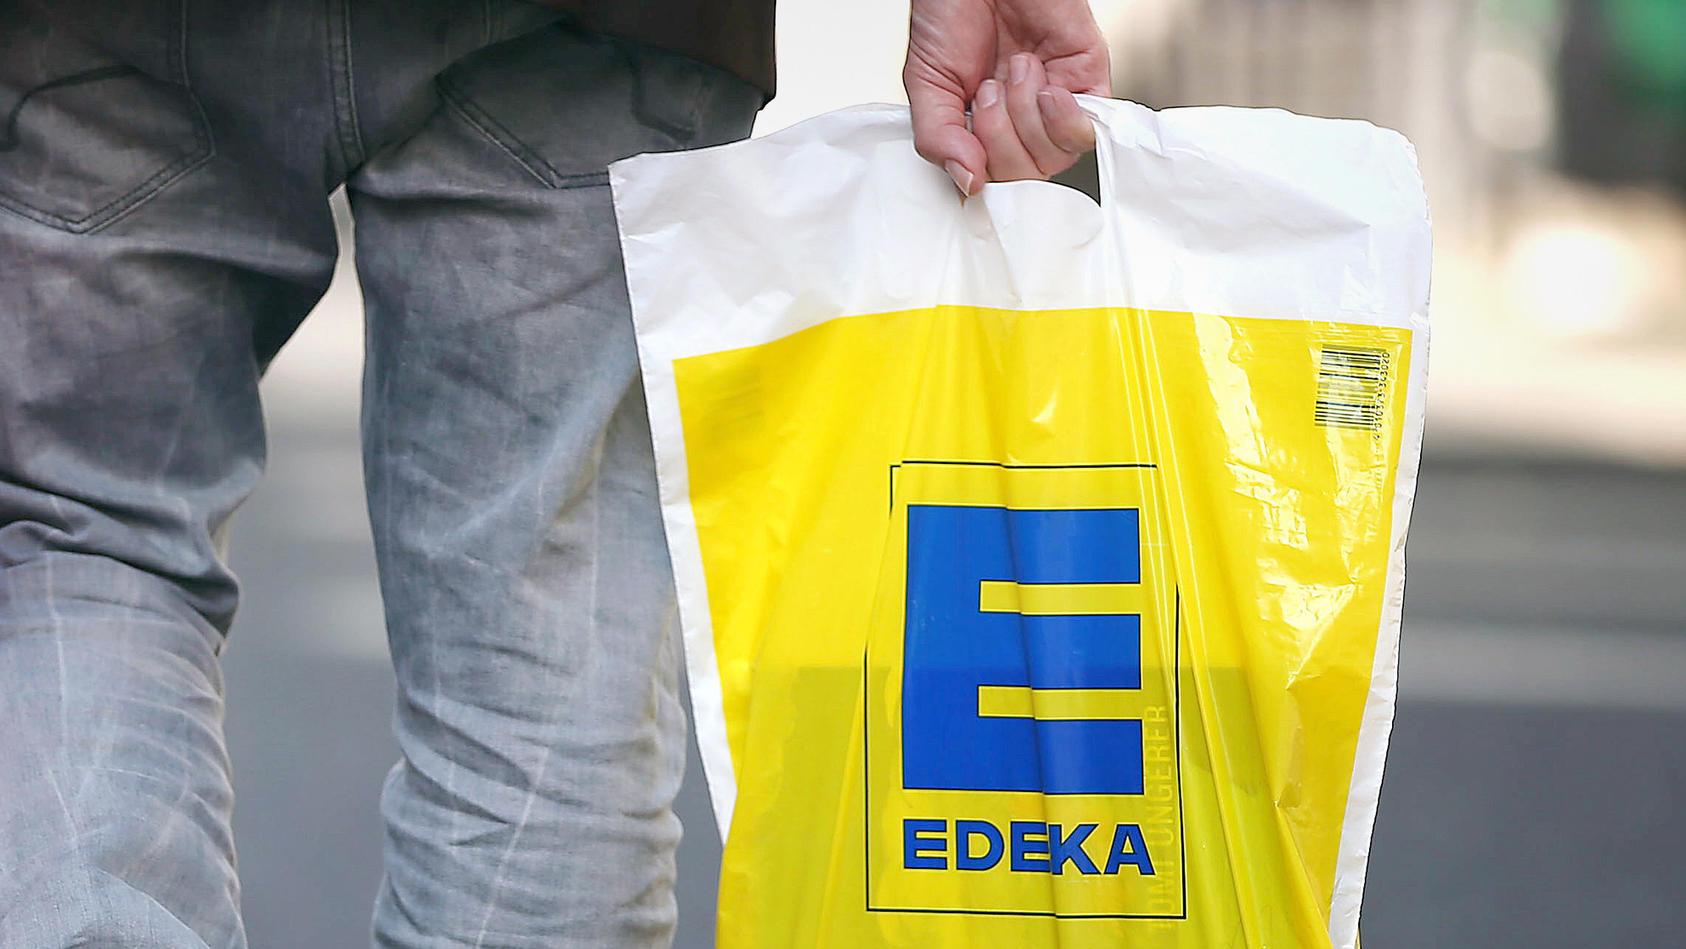 Einkauf - Edeka